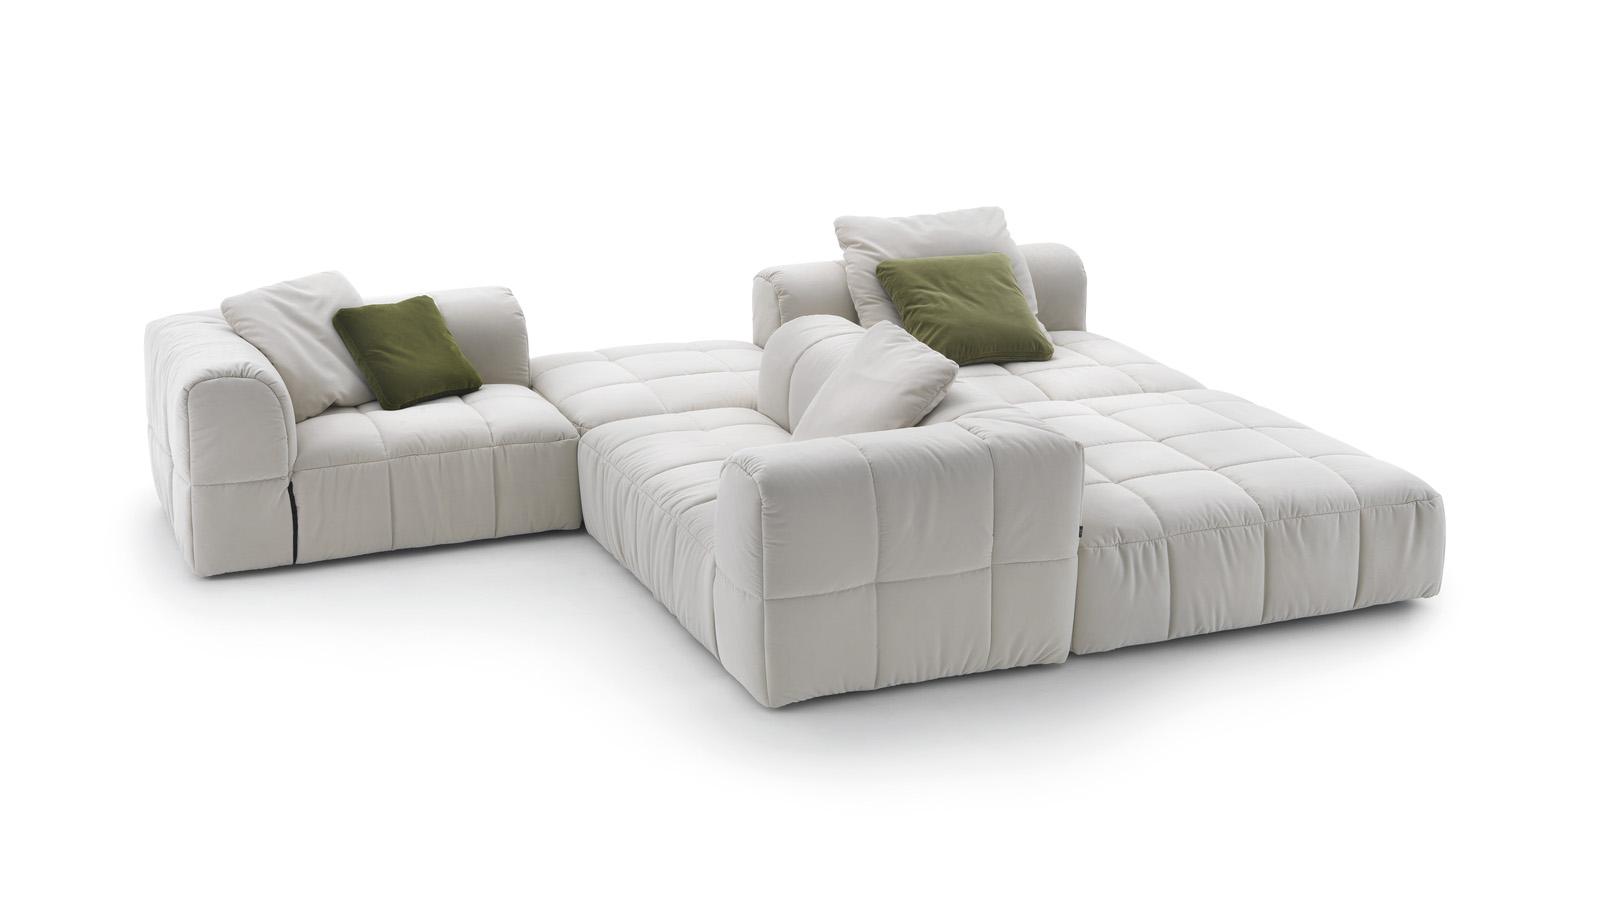 TinnappelMetz-arflex-strips-sofa-05